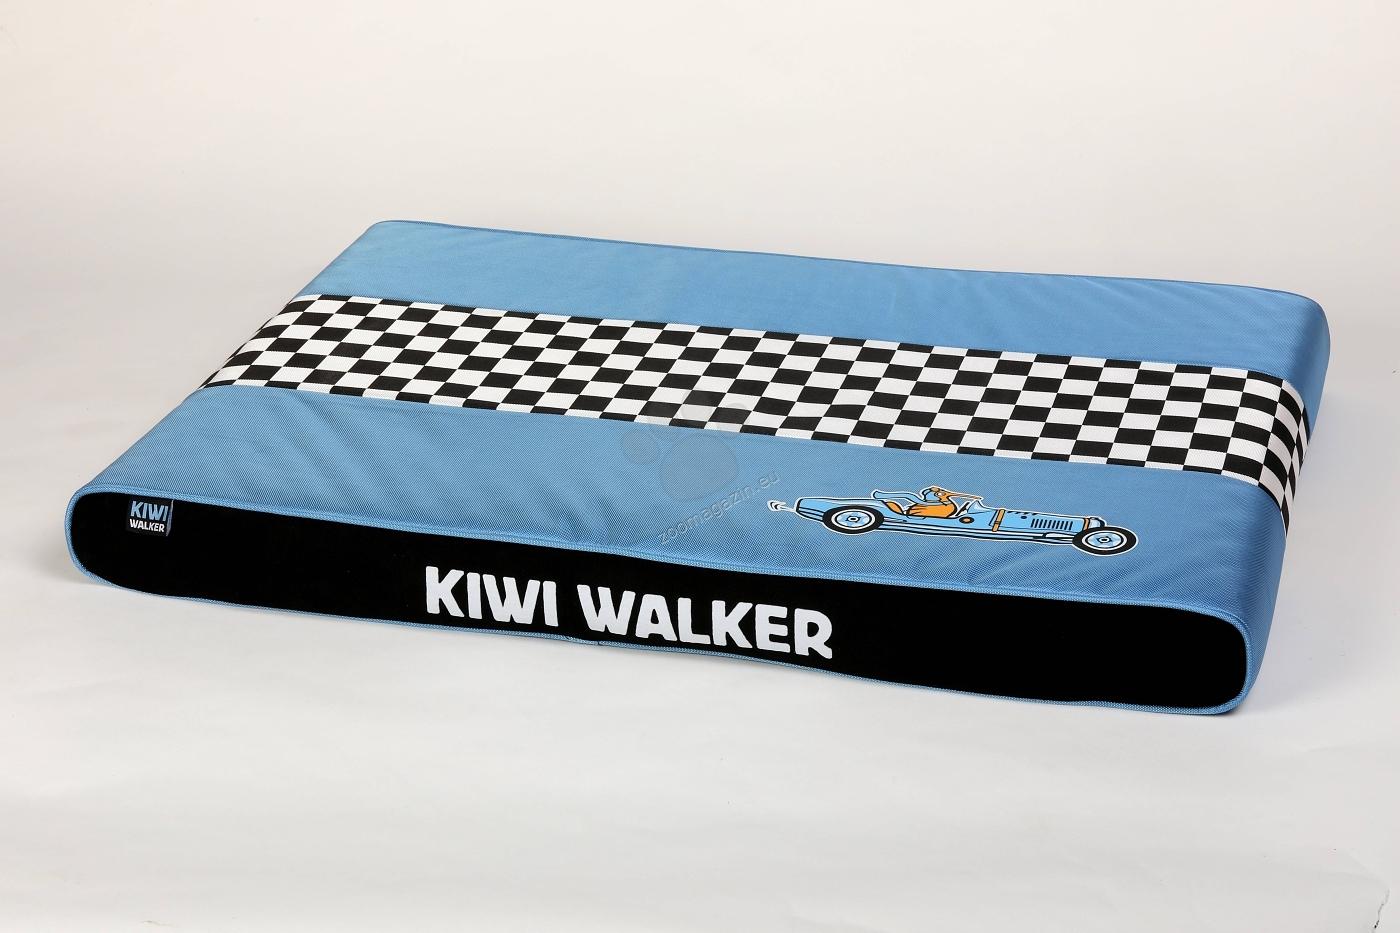 Kiwi Walker Mattress Racing XL - водонепромокаем ортопедичен матрак с мемори пяна 95 / 65 / 9 см. / червен, син, зелен, оранжев /